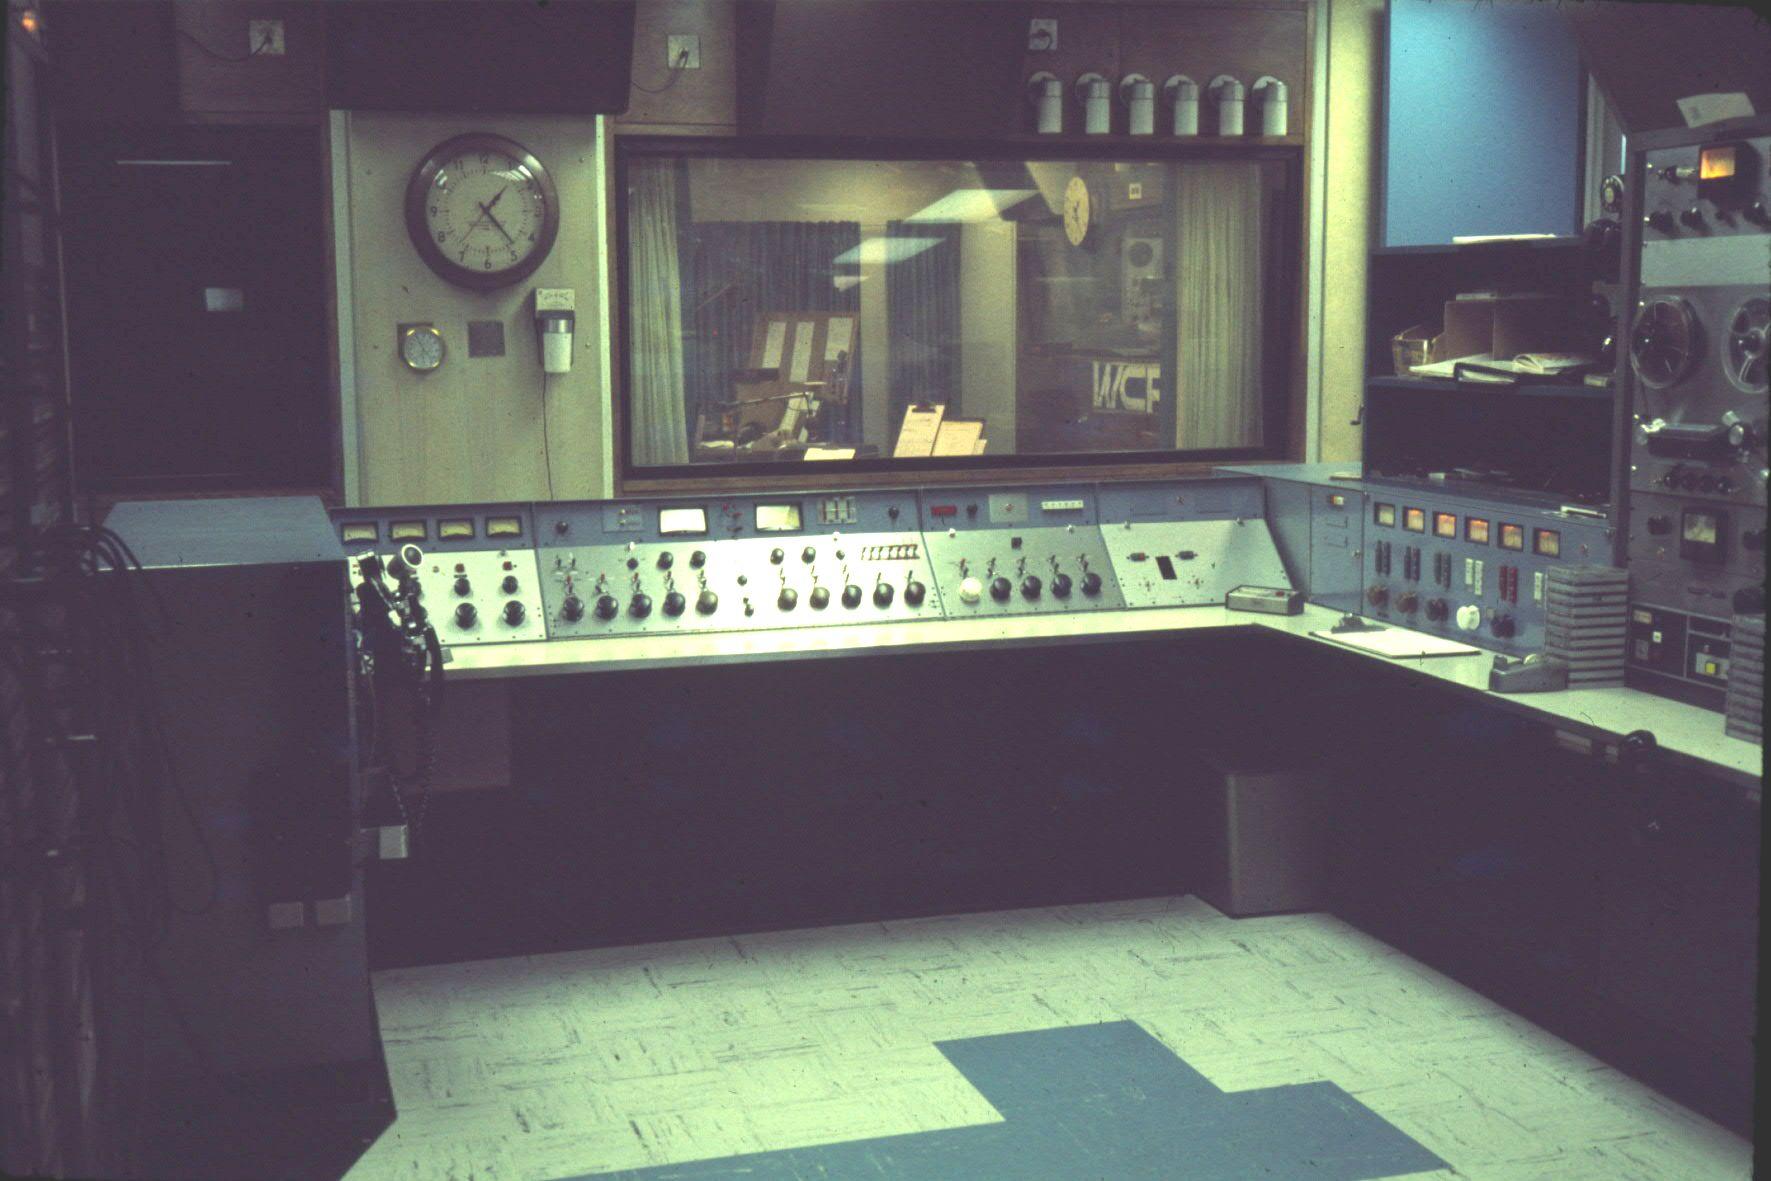 wcfl-dec_1975-master-control-2